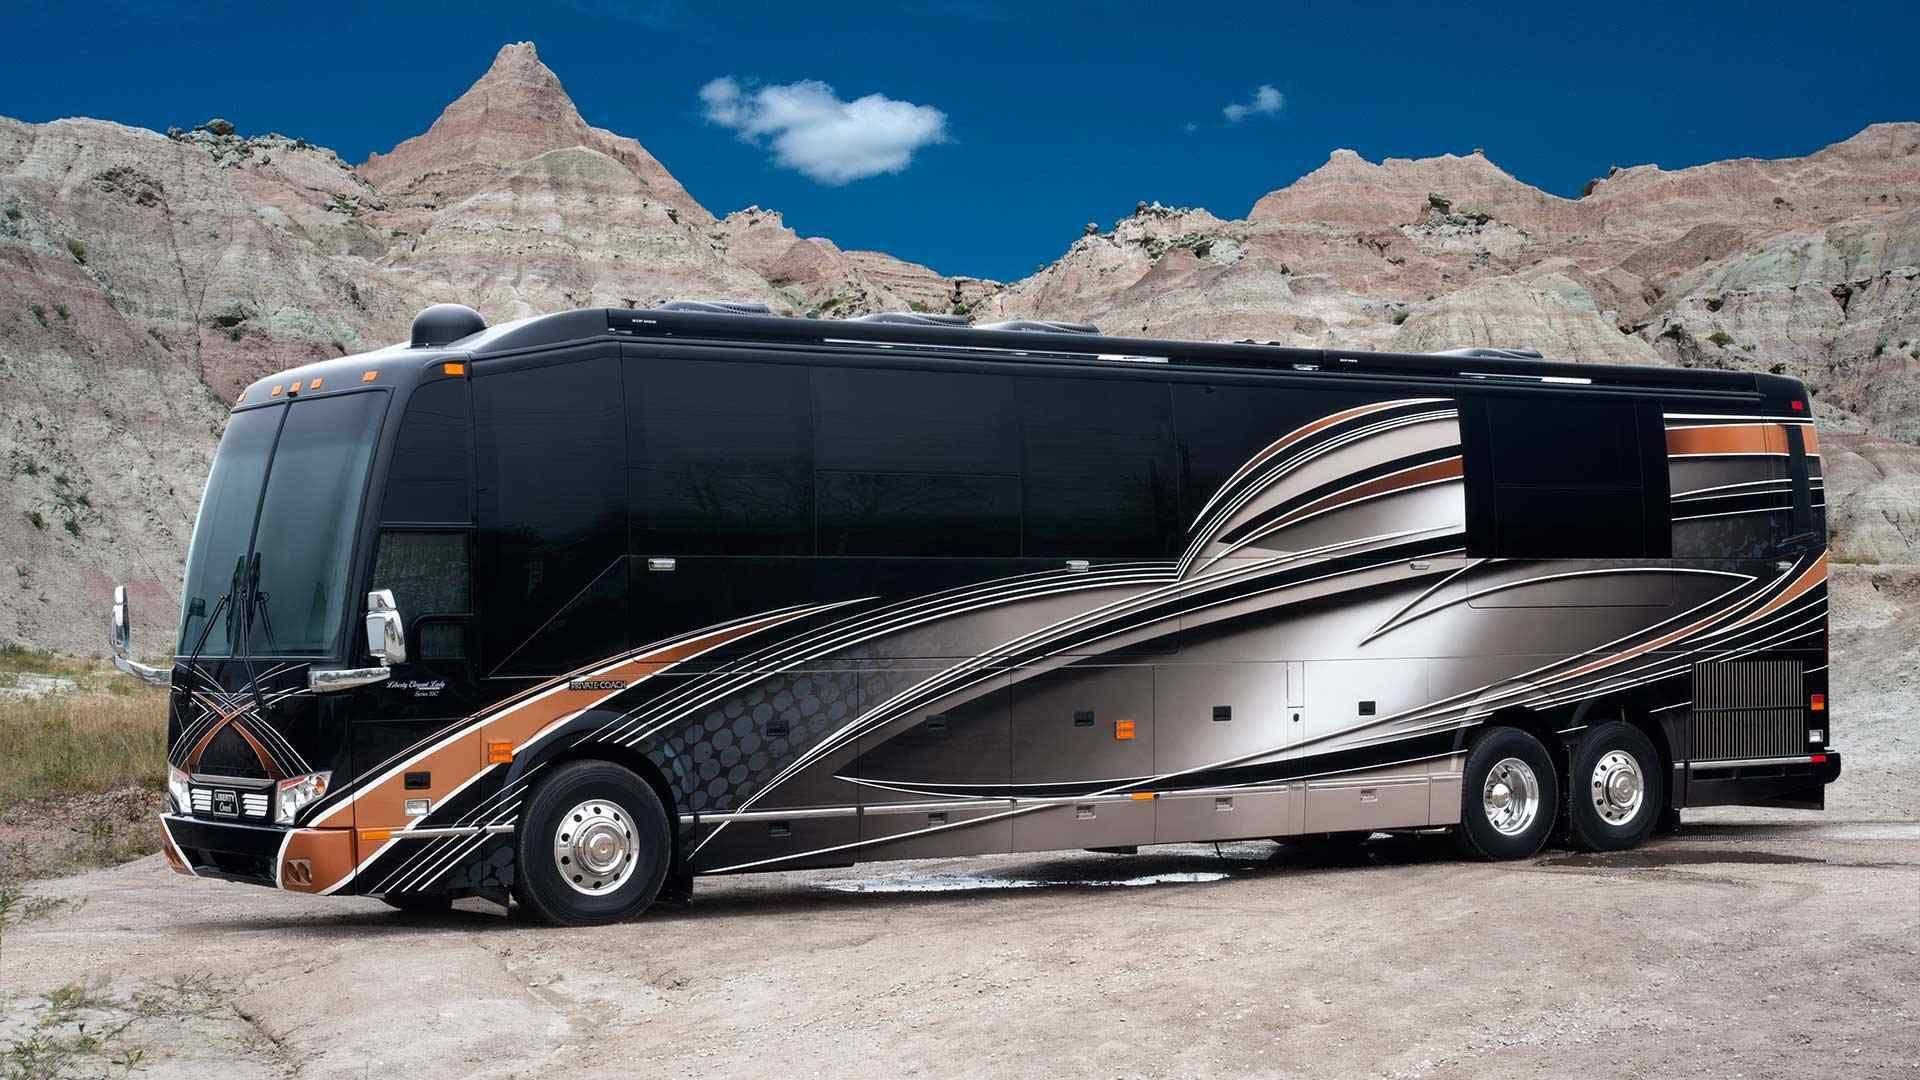 Tour Bus Interior Luxury Rv Coaches New Tour Bus Interior Luxury Rv Coaches Unique Tour Bus Interior Luxury R Luxury Rv Tour Bus Interior Campervan Interior